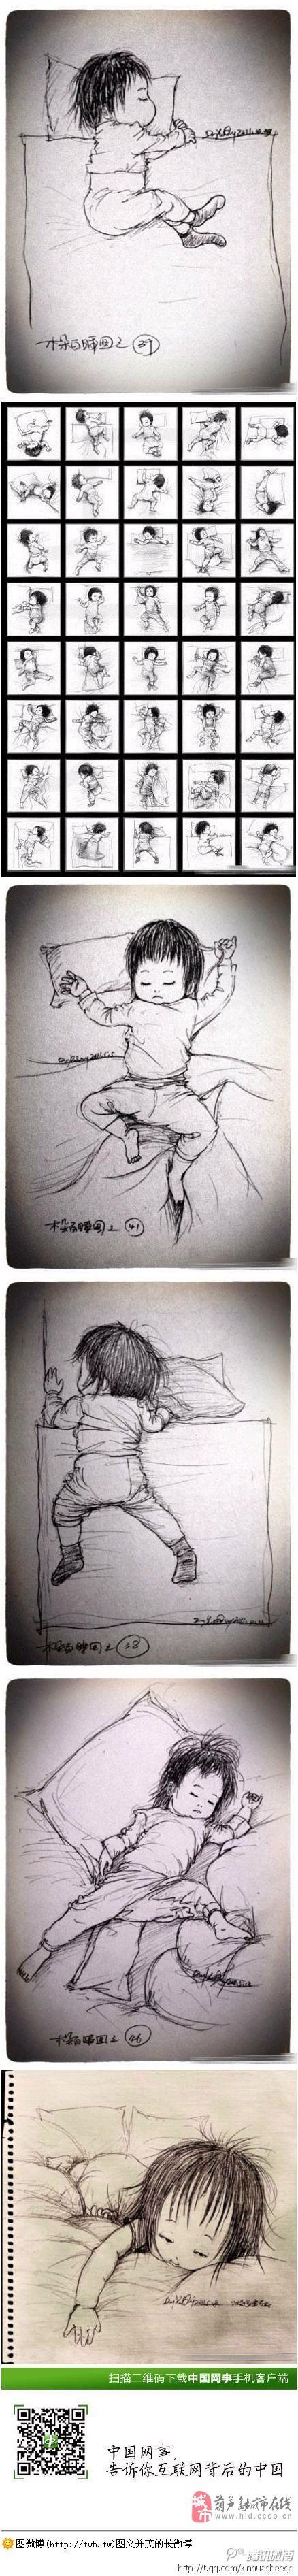 父爱如山:百睡图走红网络